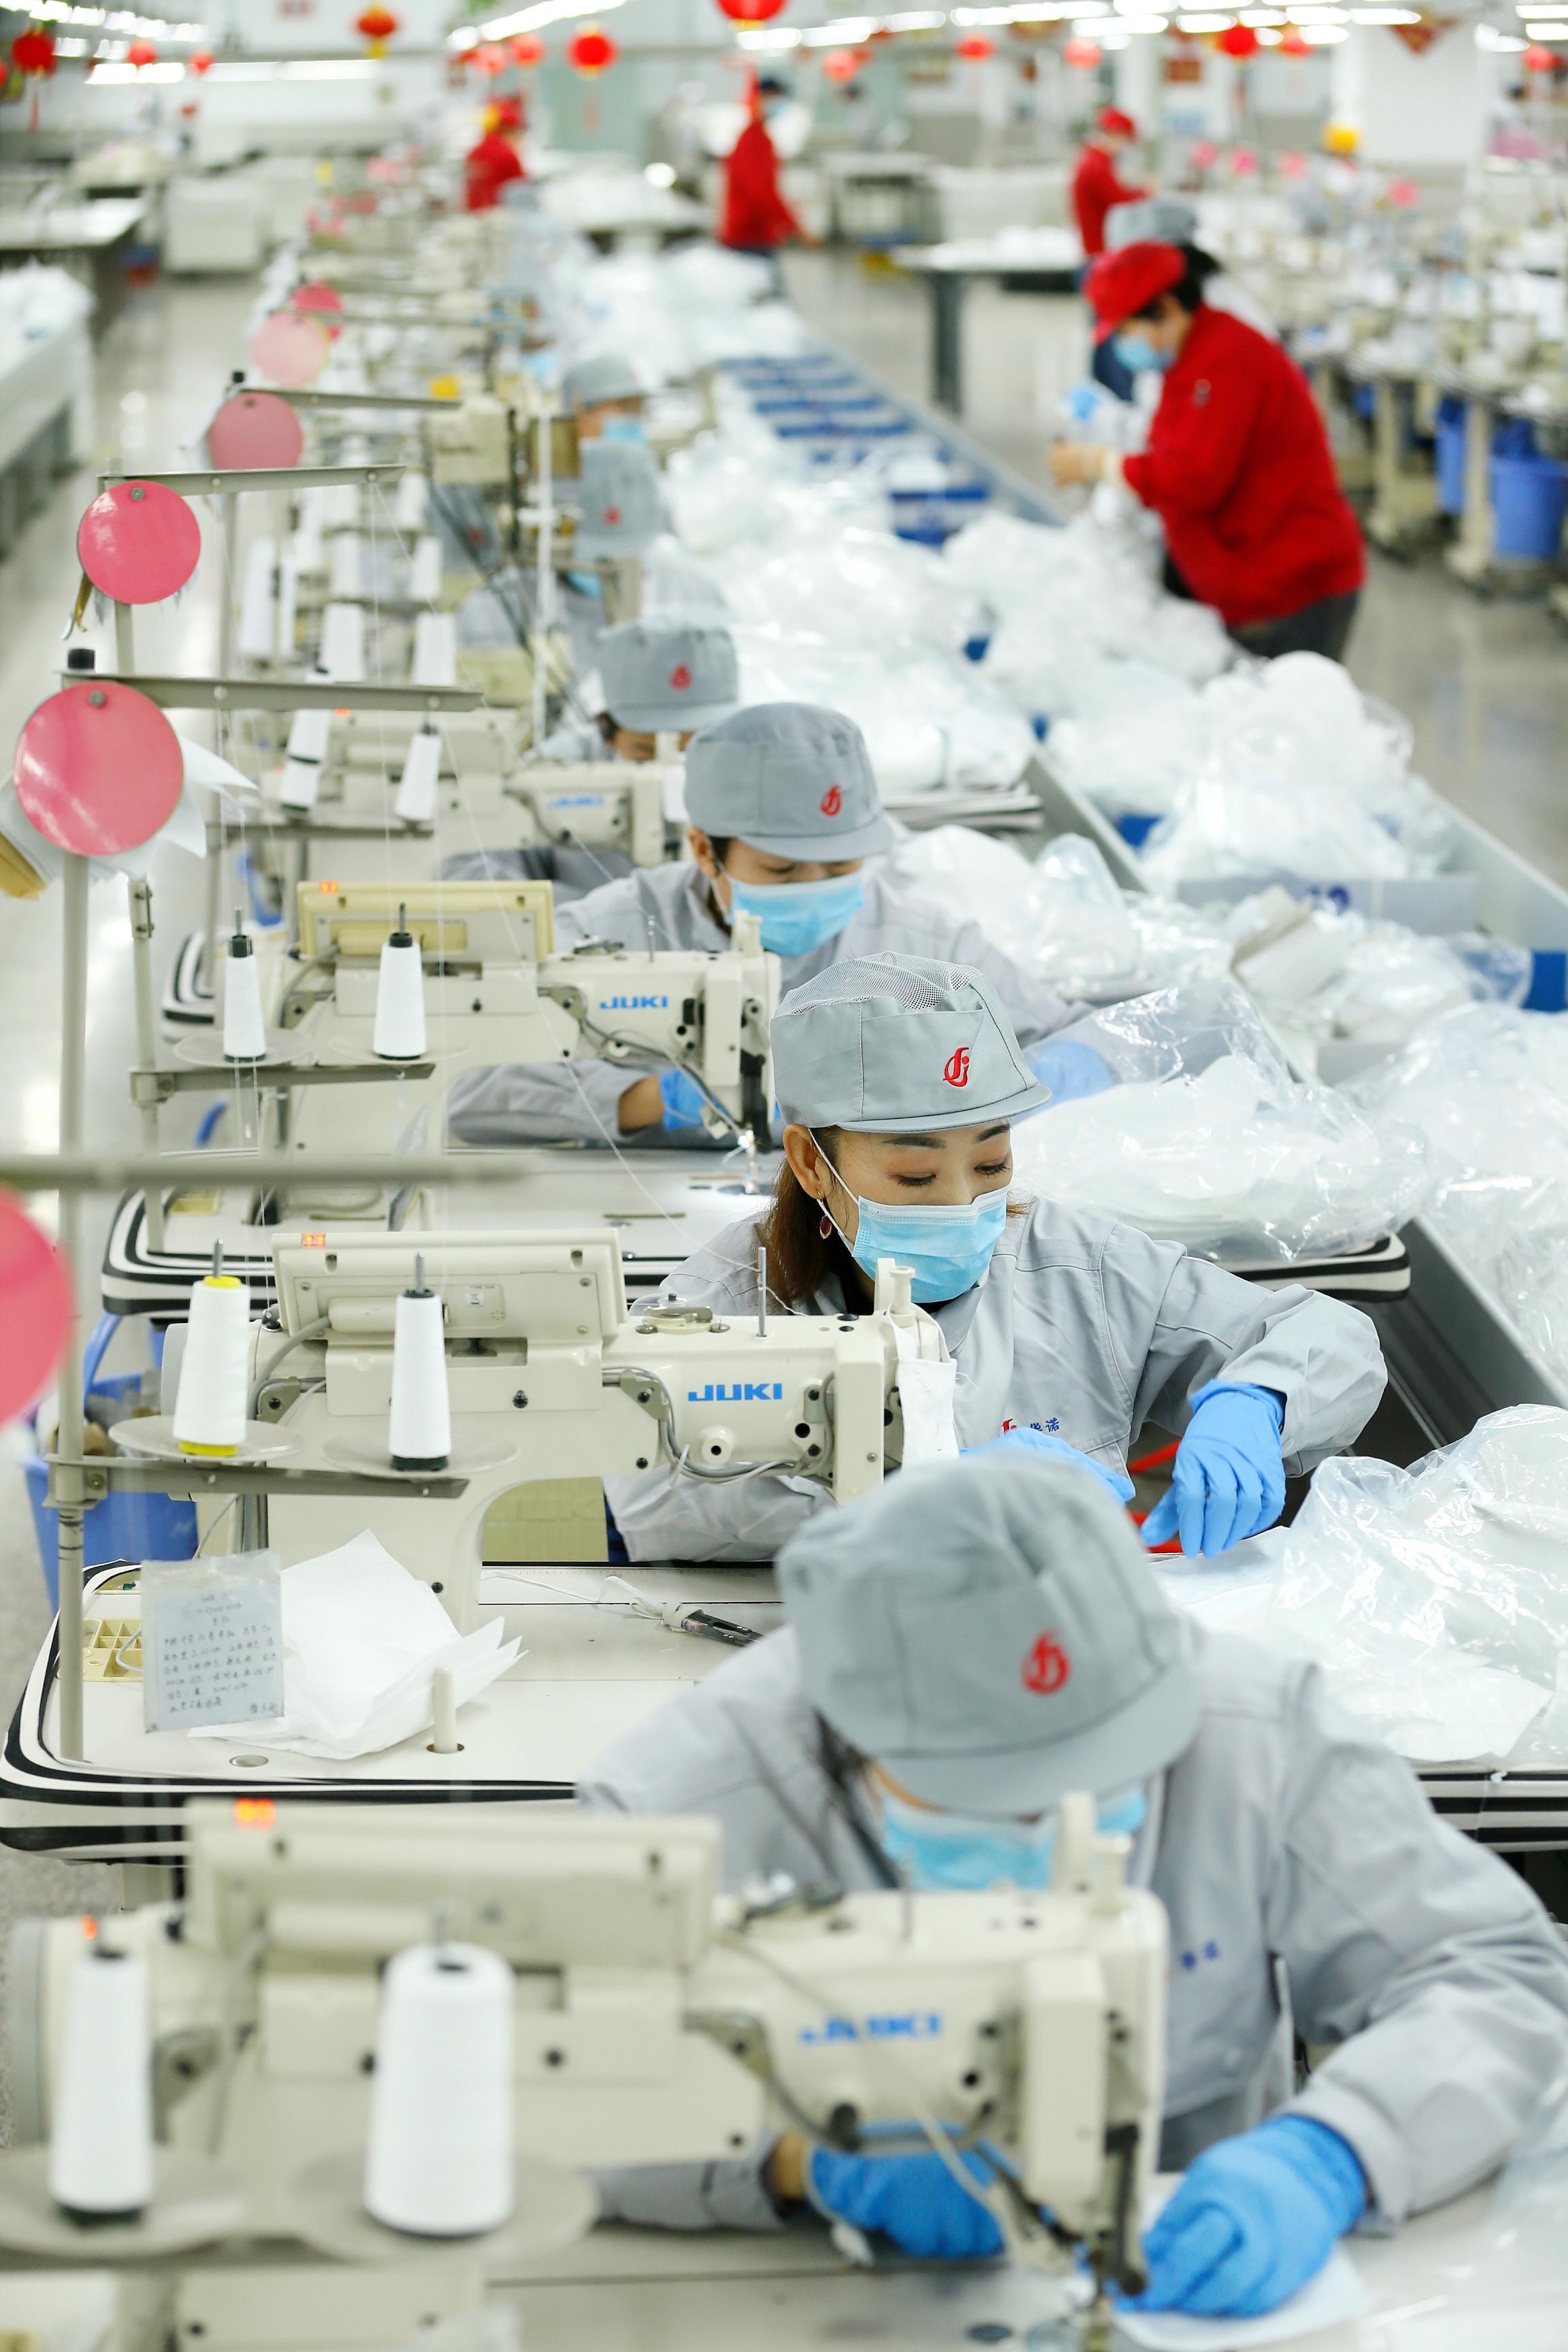 即发集团工人正在赶制口罩。为支持疫情防控,该企业将服装生产线转为口罩生产线。